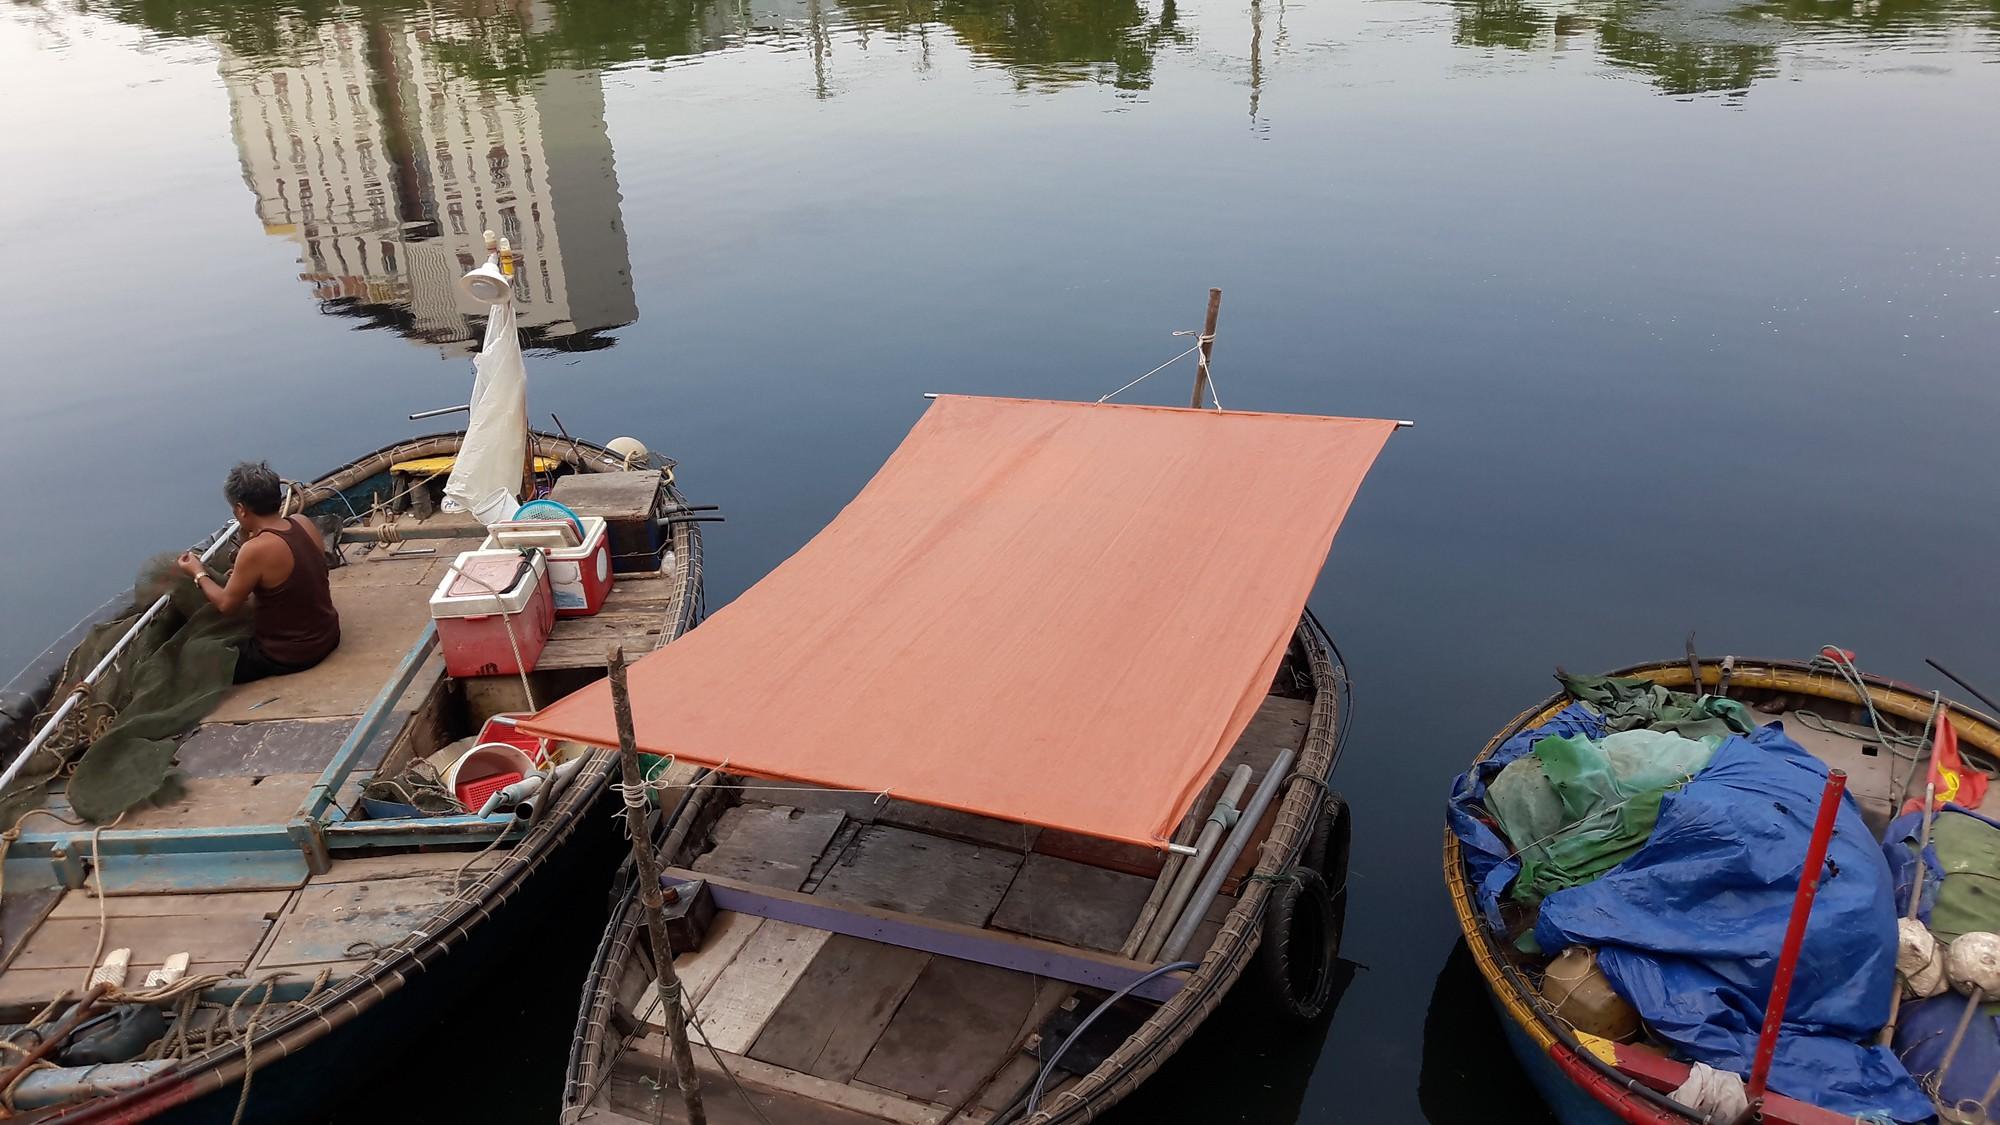 Nước thải đen ngòm, hôi thối lại tuôn ào ạt sông Phú Lộc, biển Đà Nẵng dịp nghỉ lễ - Ảnh 3.